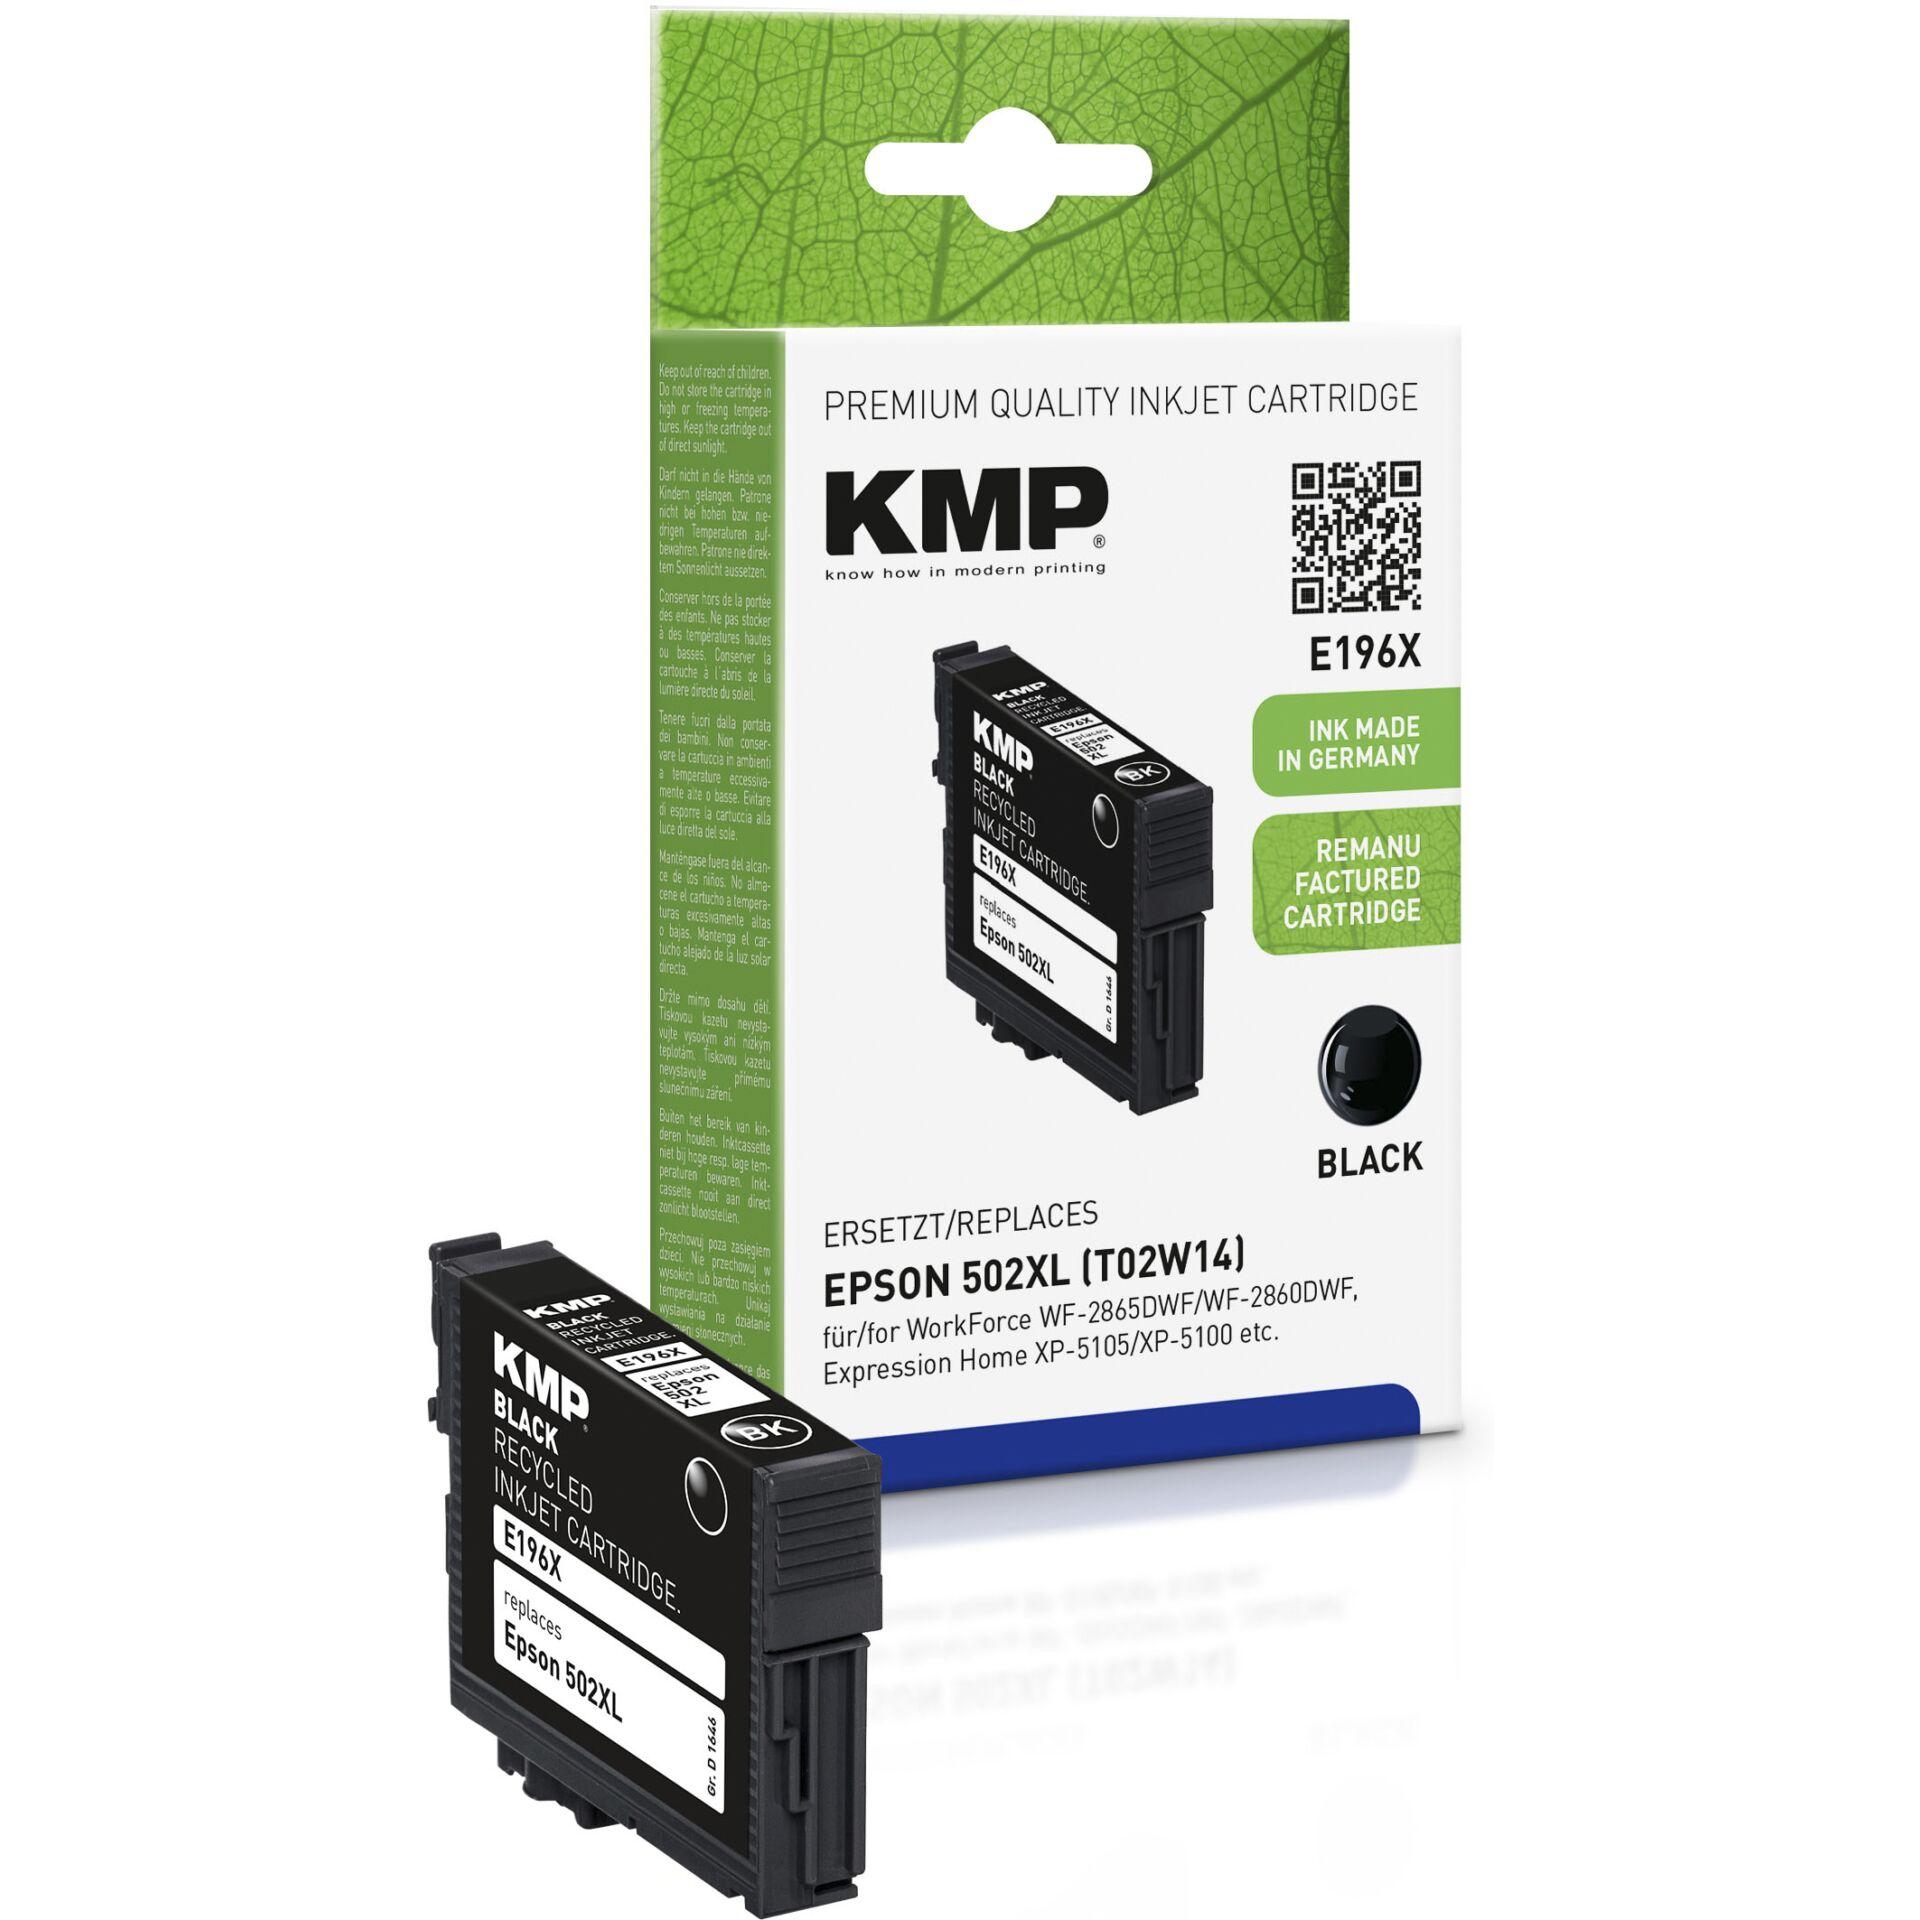 KMP E196X Ink black compatible Epson T02W1